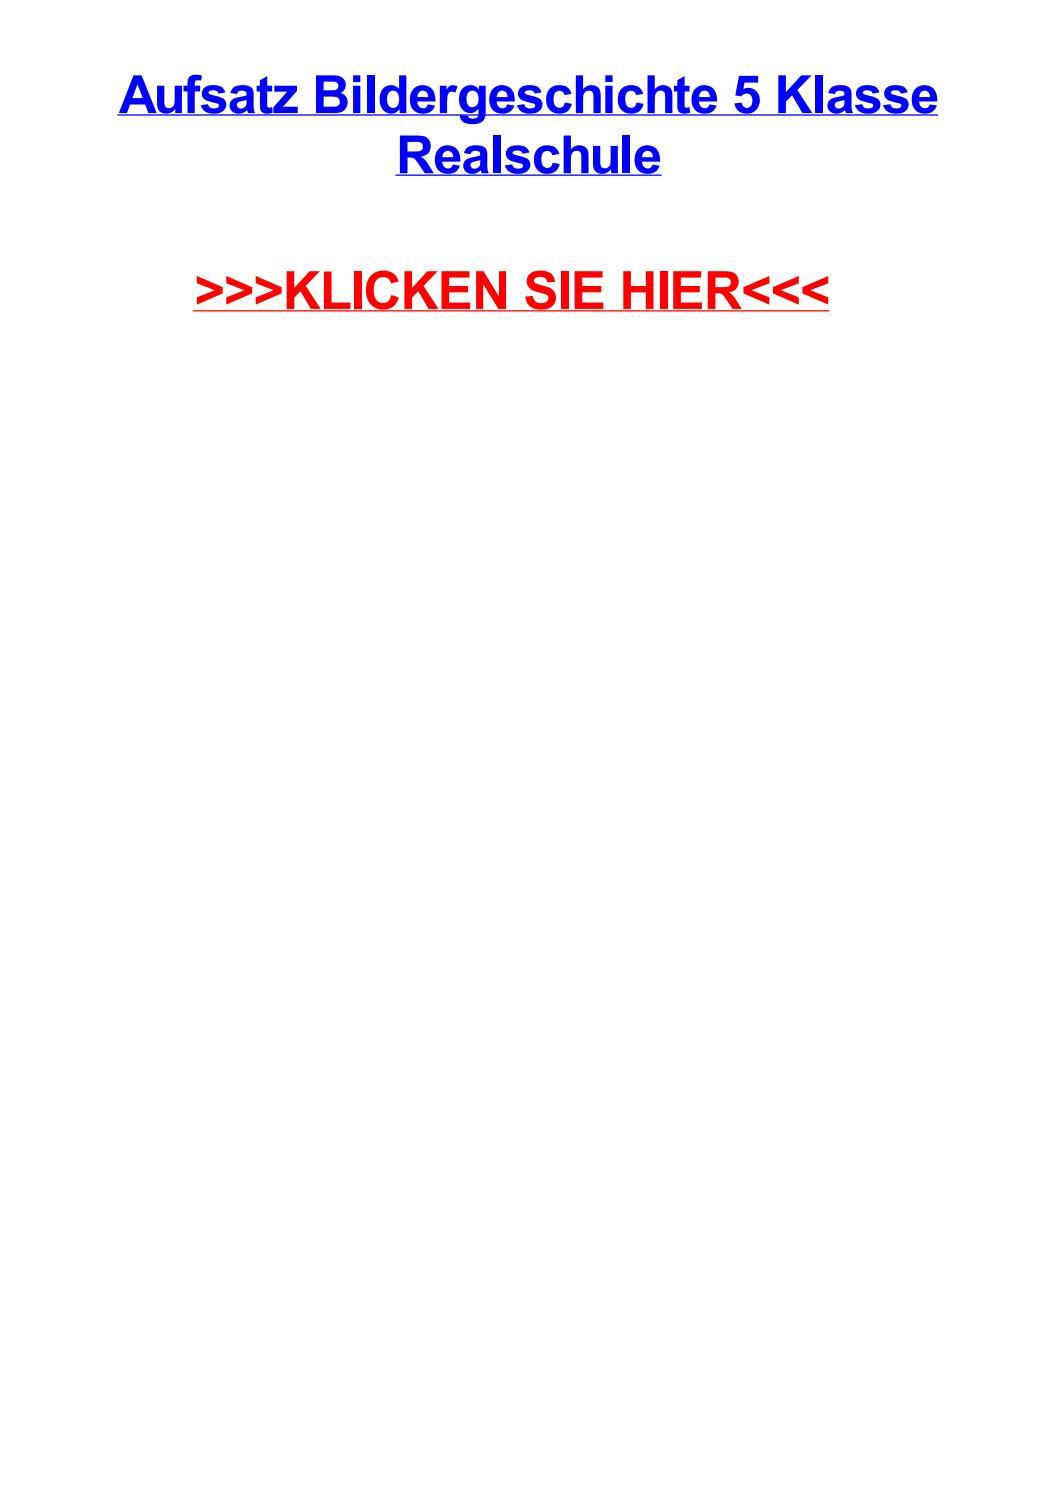 Aufsatz bildergeschichte 5 klasse realschule by stevenvdjr - issuu